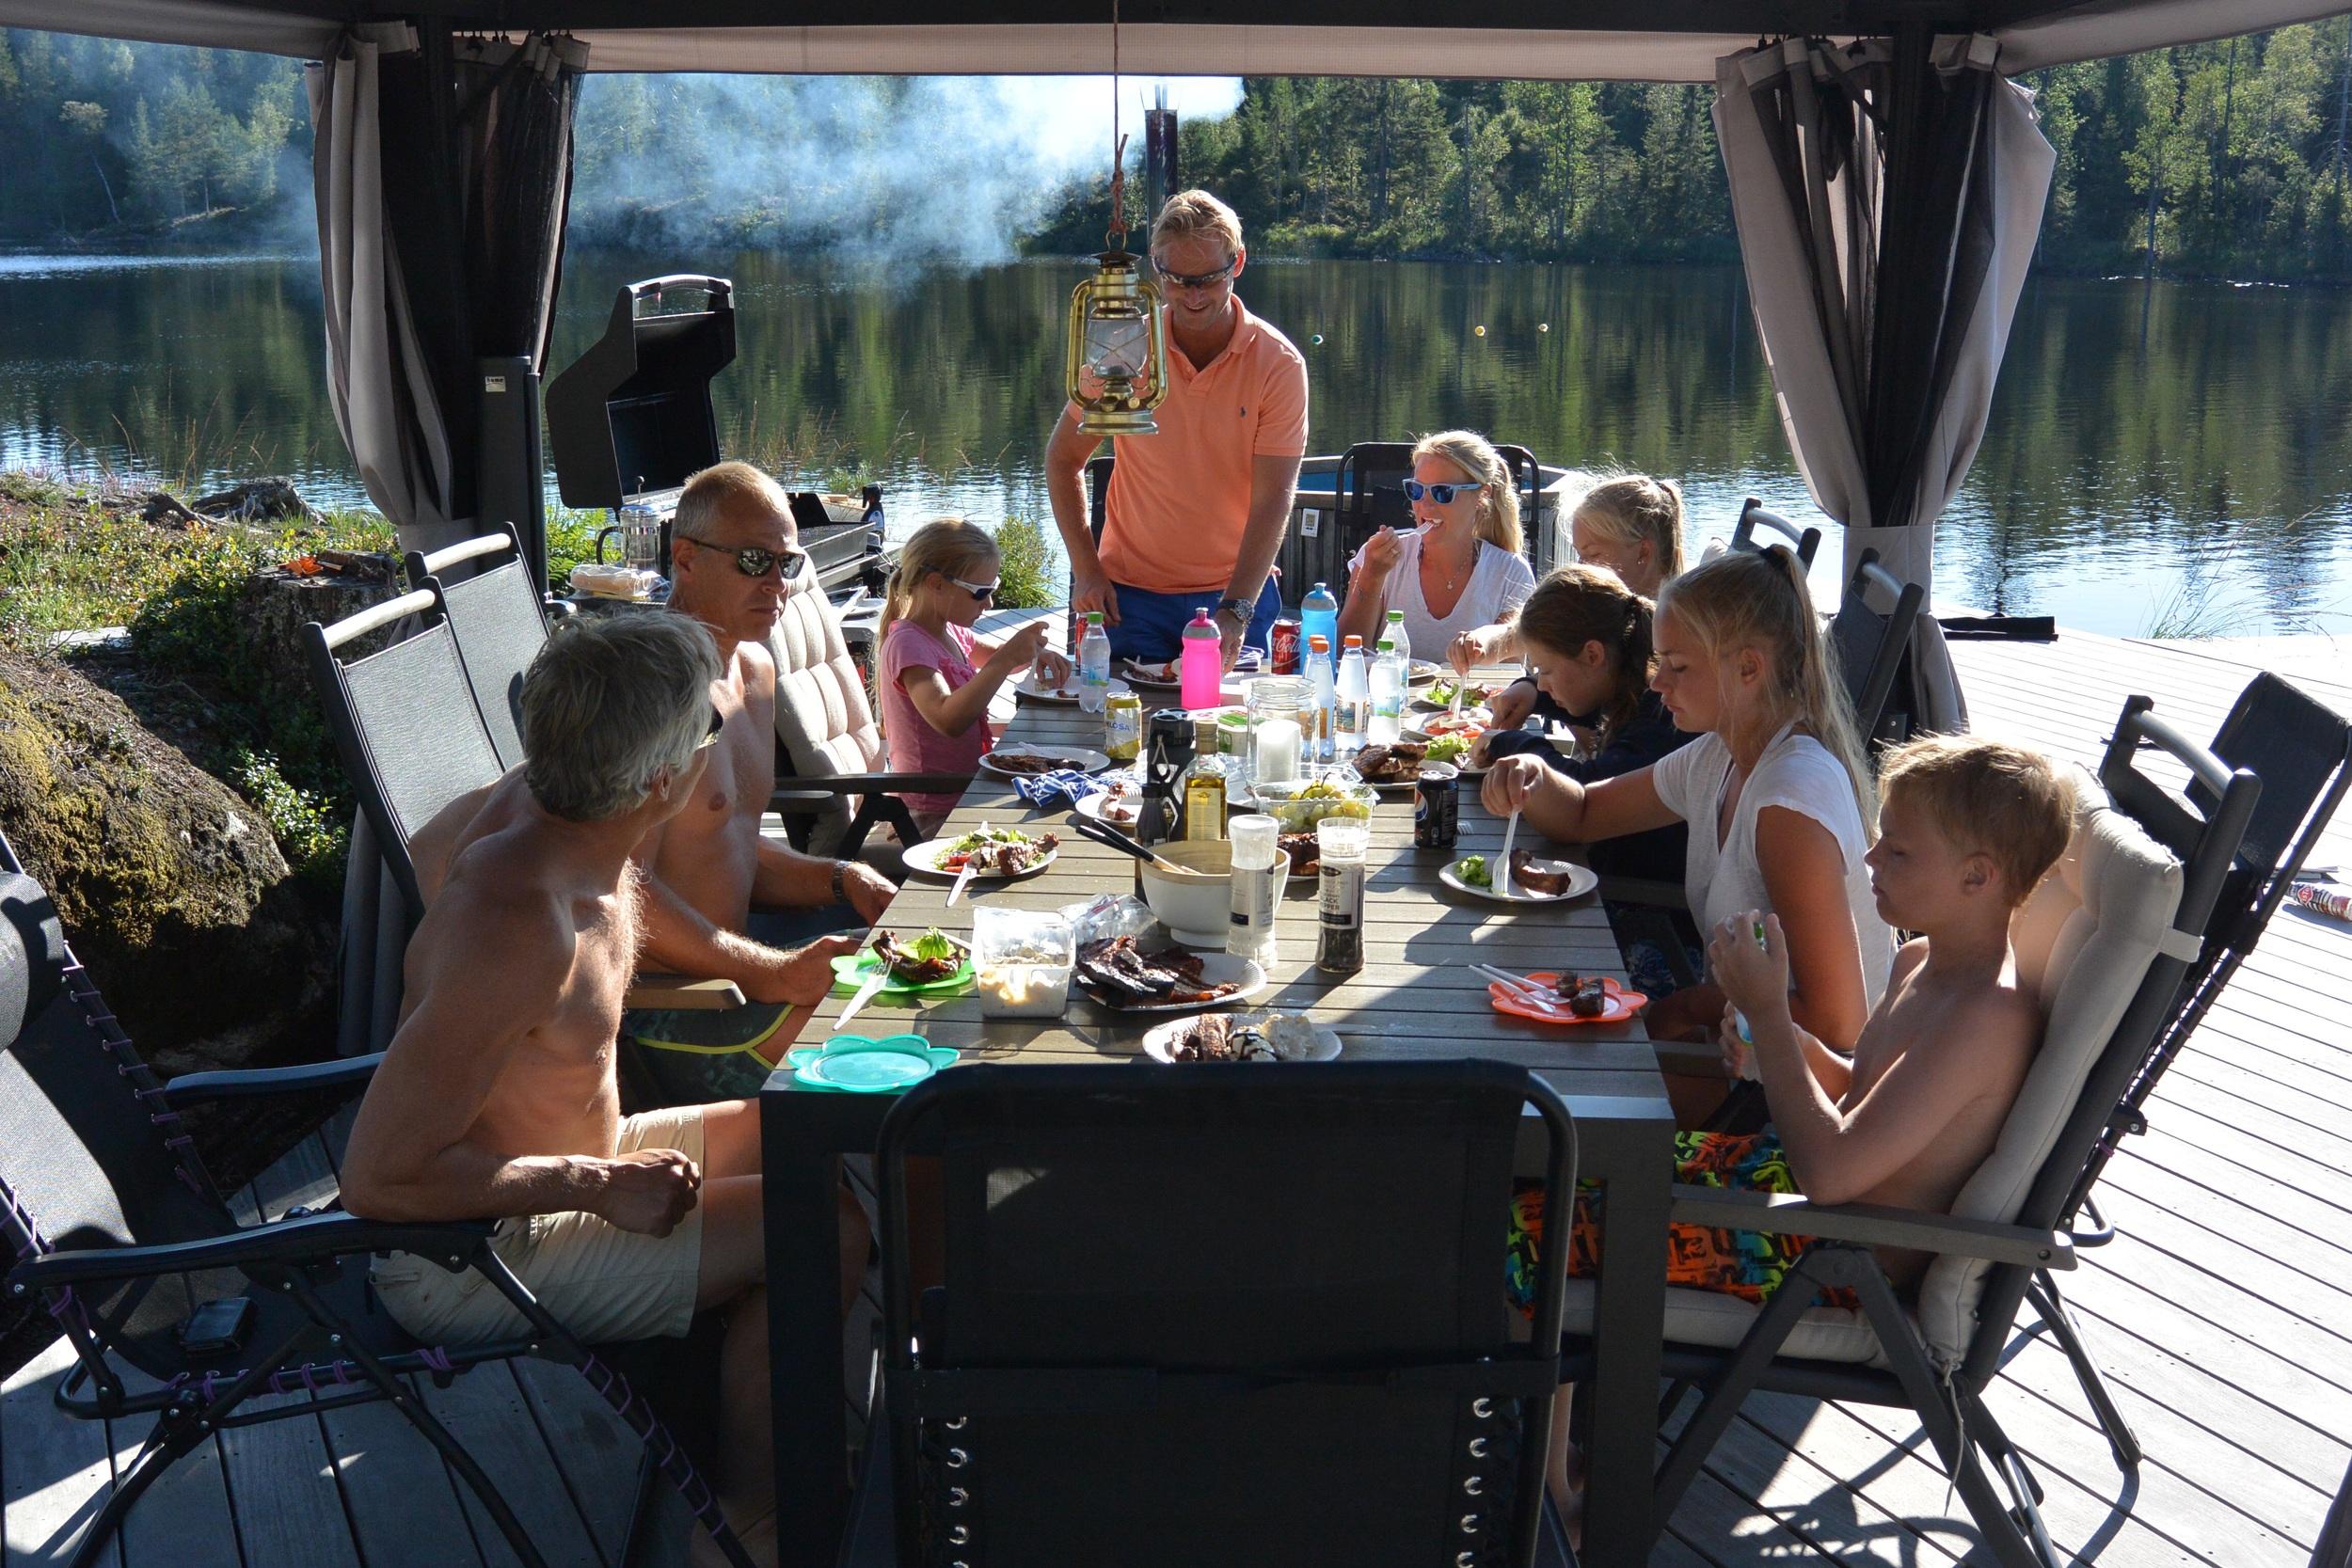 Middag på familien Lindbergs regning før hjemreise :-)